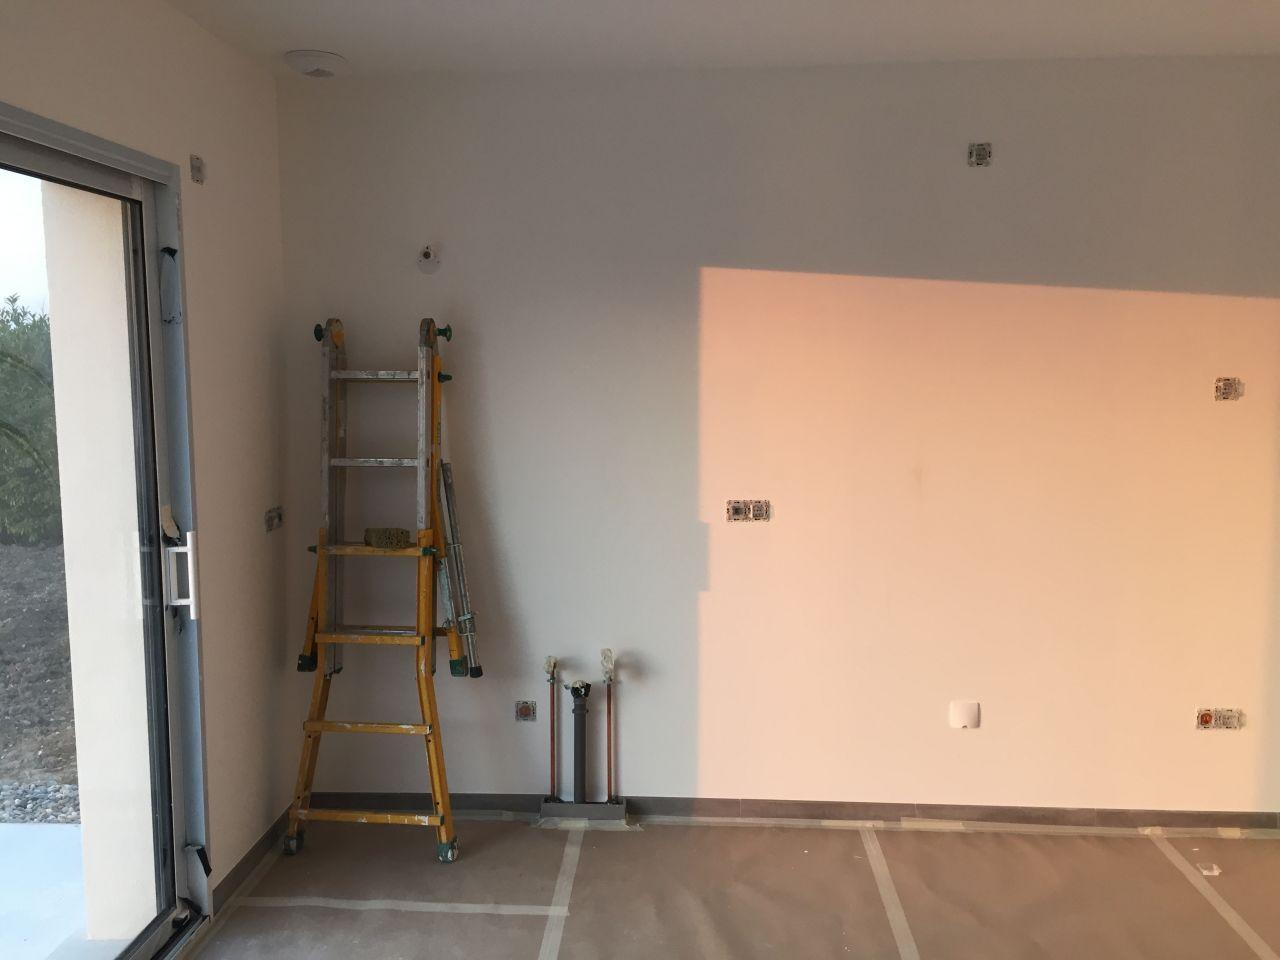 Avanc e carrelage et peinture peinture au sol v33 cuisine salle de bain dressing ca for Sous couche peinture carrelage orleans